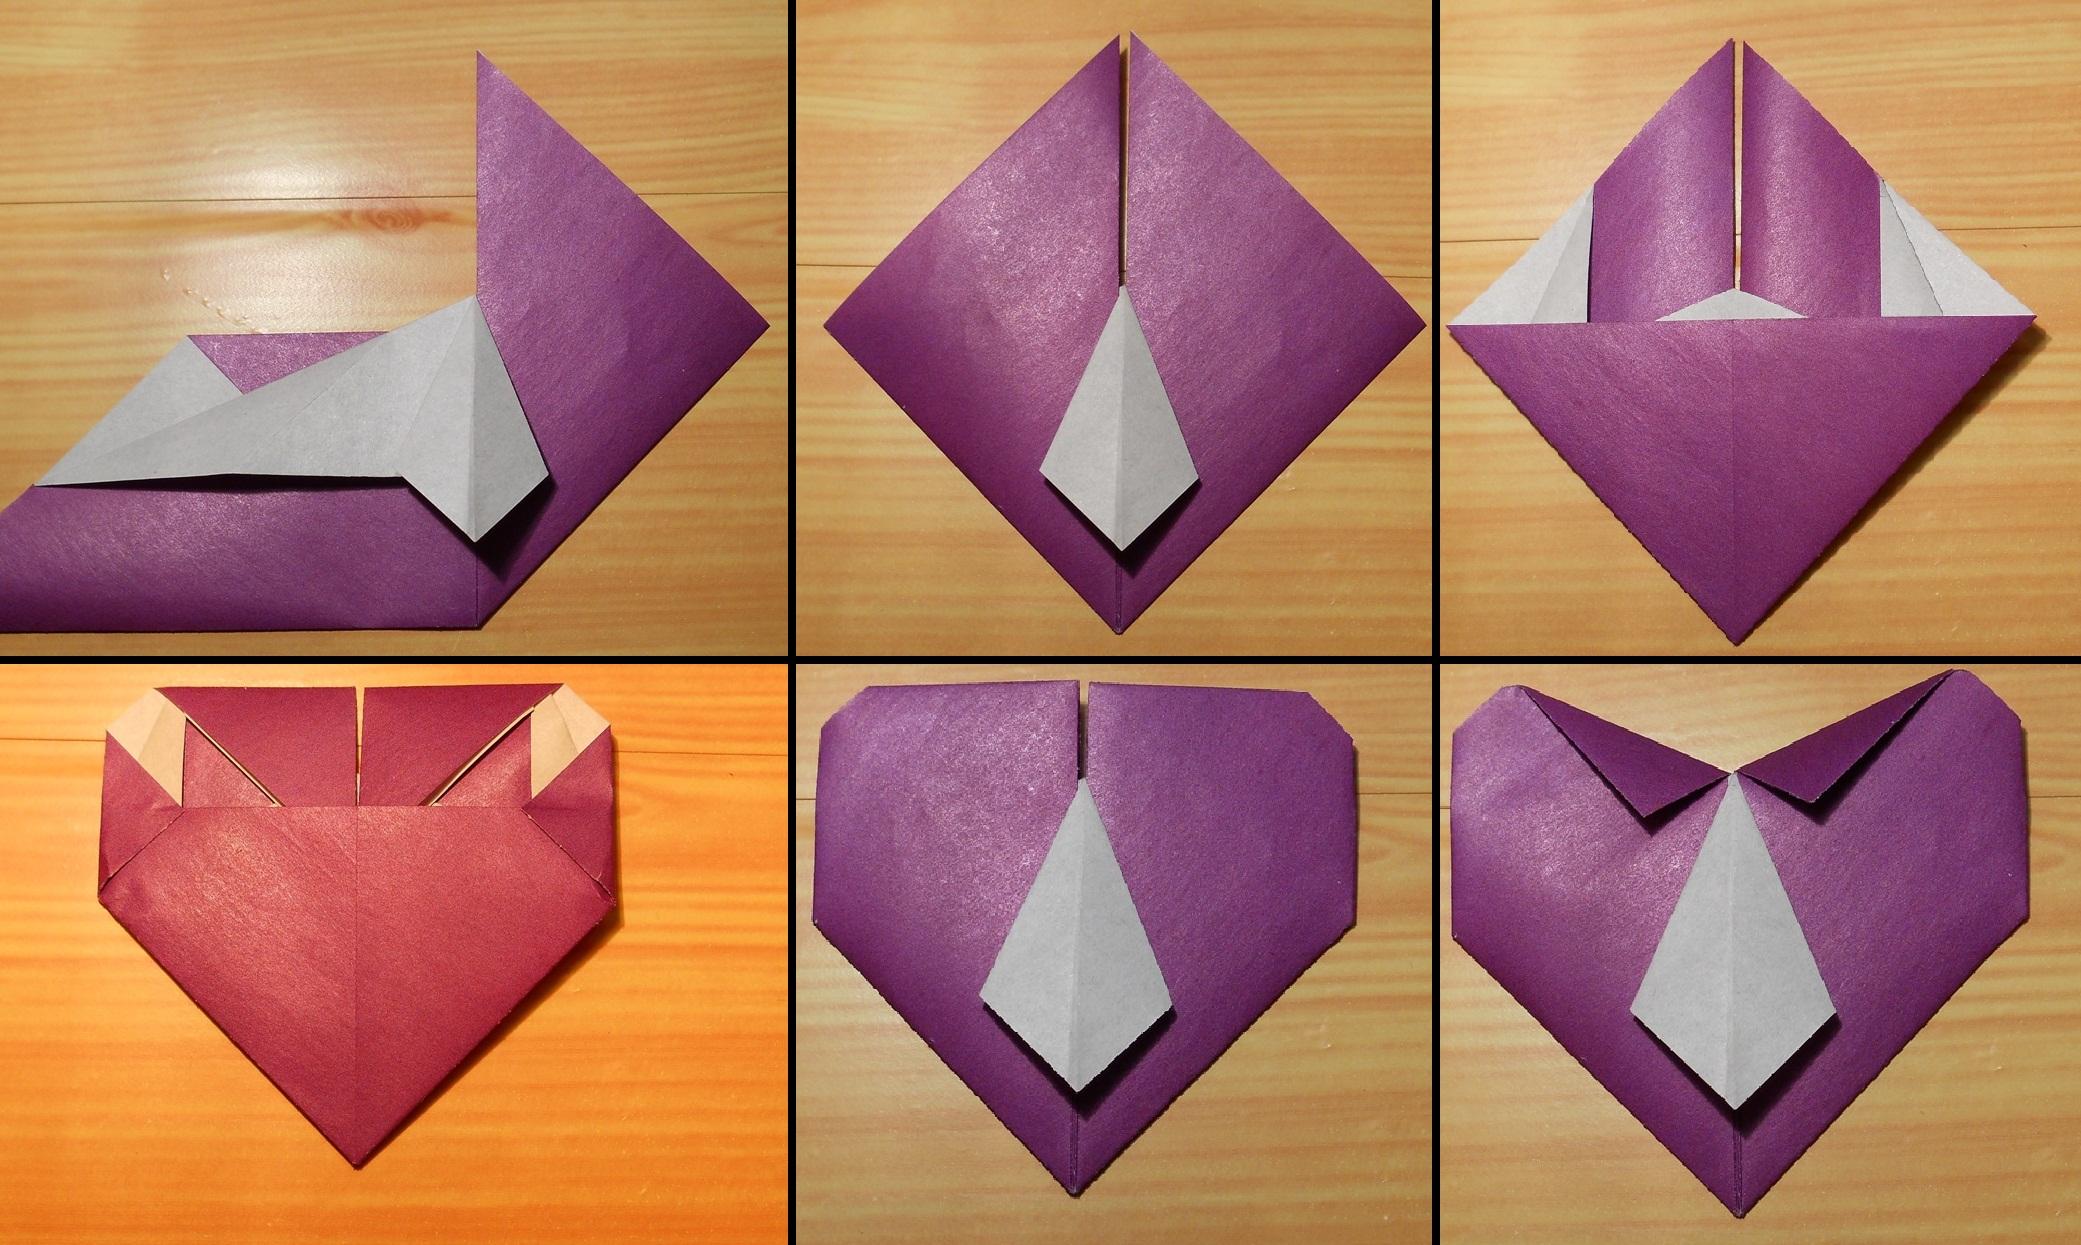 Как сделать открытку с сердечком оригами, благодарностью пожеланиями